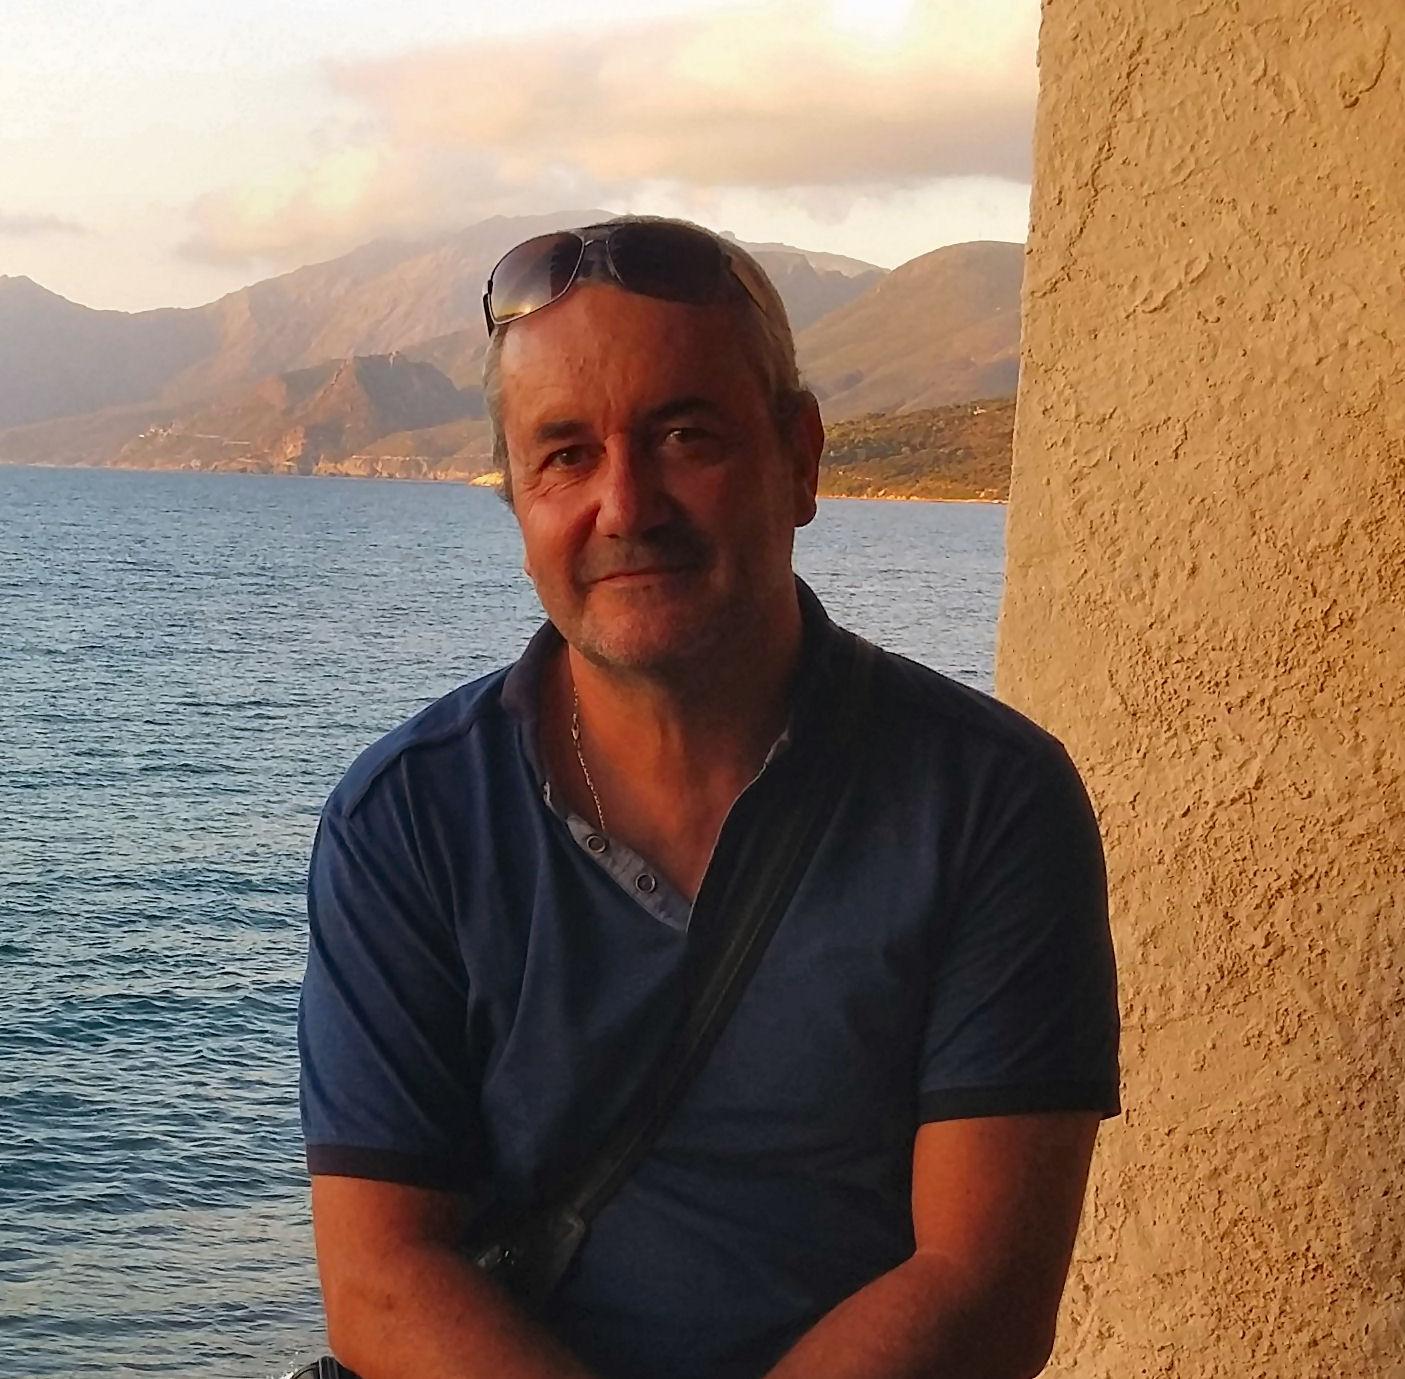 Ce Vendredi 13 Octobre 2017 à Paris au CNPMEM a eu lieu l'élection du président et des vices-présidents de la commission Thon Rouge et Espadon (CTRE) et à ce titre notre représentant Daniel DEFUSCO a été élu vice-président de la CTRE. Jessica Dijoux, Directrice du CRPMEM de Corse était présente également.